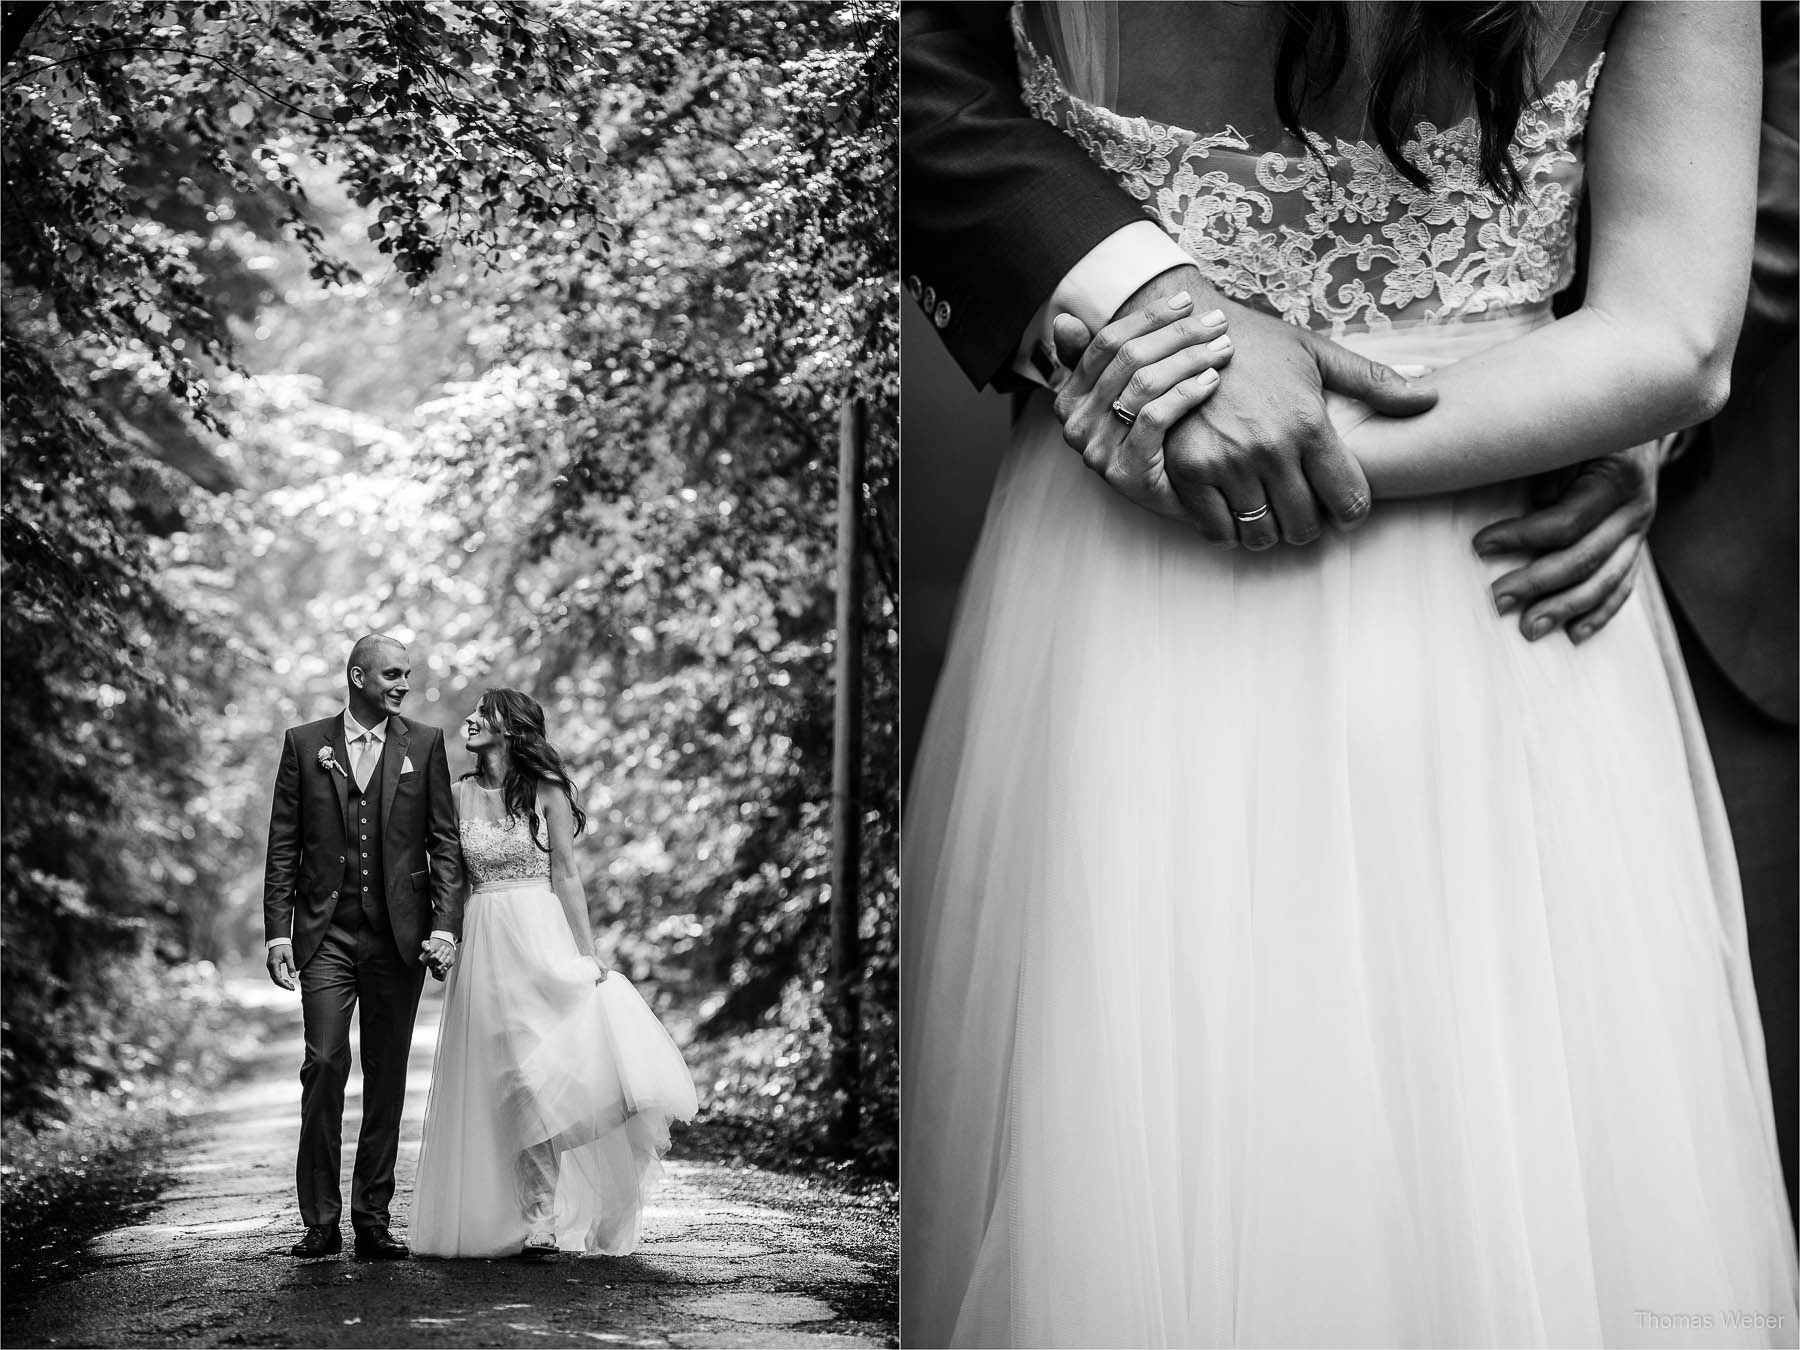 Hochzeit in Bad Zwischenahn, Hochzeitsfotograf Oldenburg, Thomas Weber